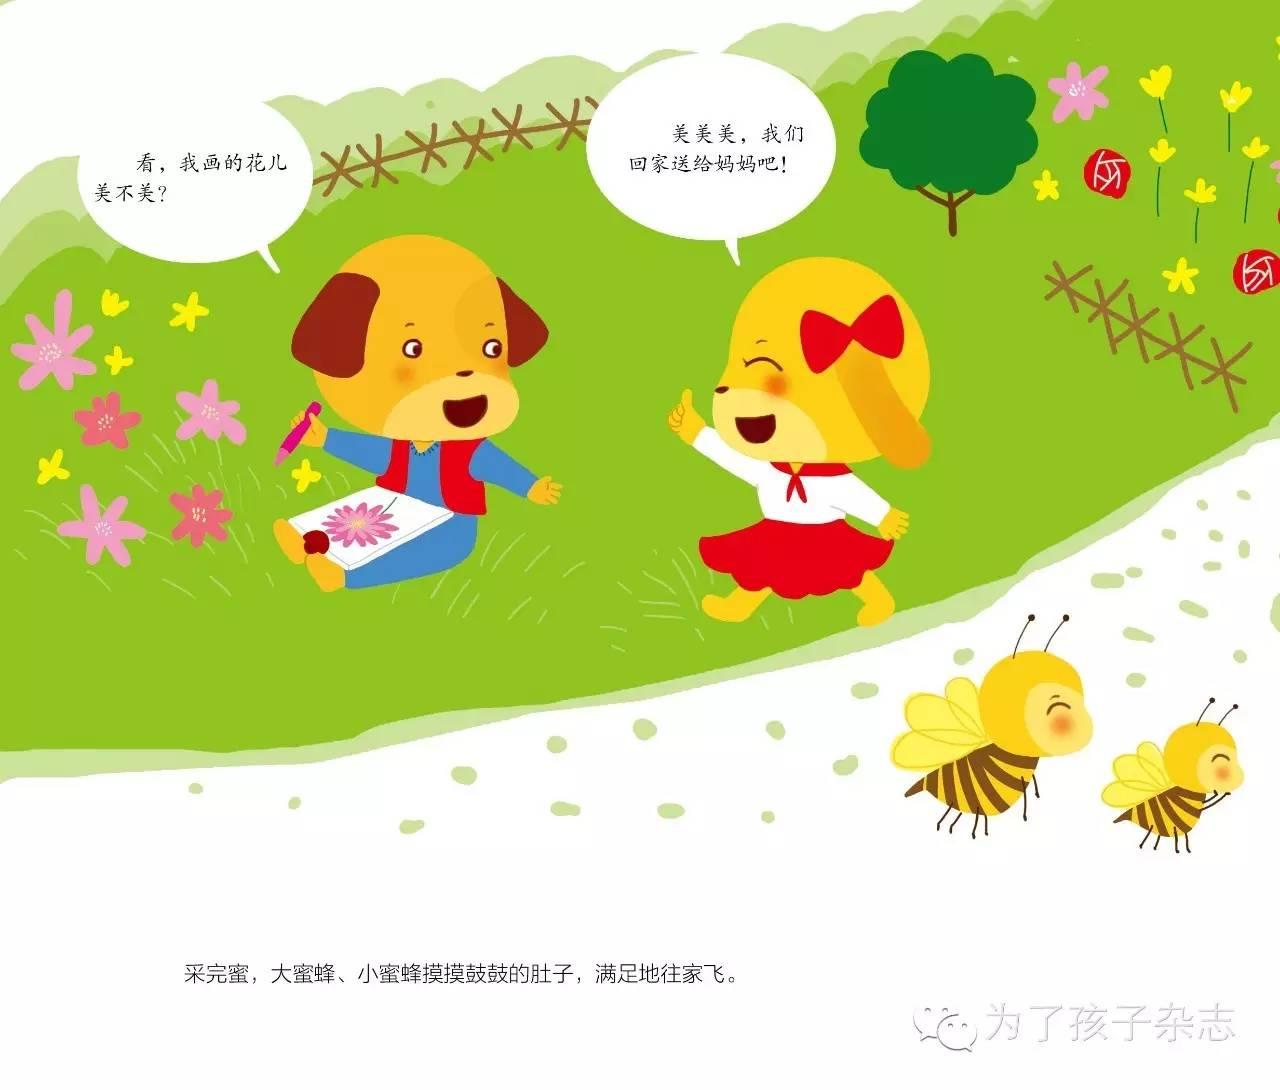 母婴 正文  采完蜜,大蜜蜂,小蜜蜂摸摸鼓鼓的肚子,满足地往家飞.图片